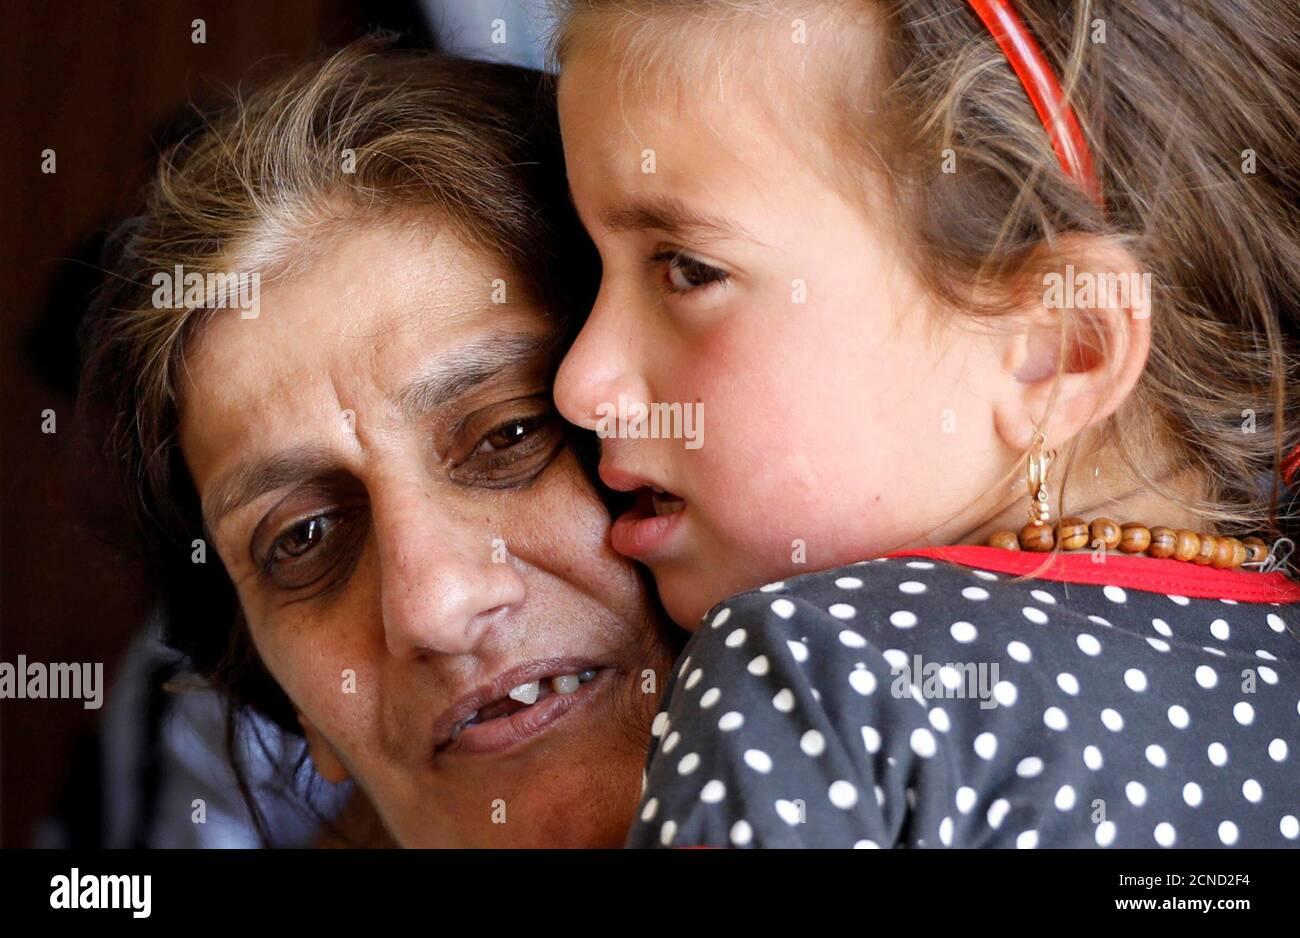 L'iracheno Aida Nuh porta la figlia Christina Ezzo Abada, ex ostaggio di militanti dello Stato islamico per tre anni, dopo che sono stati riuniti in un campo profughi a Erbil, Iraq, il 10 giugno 2017. REUTERS/Erik De Castro Foto Stock